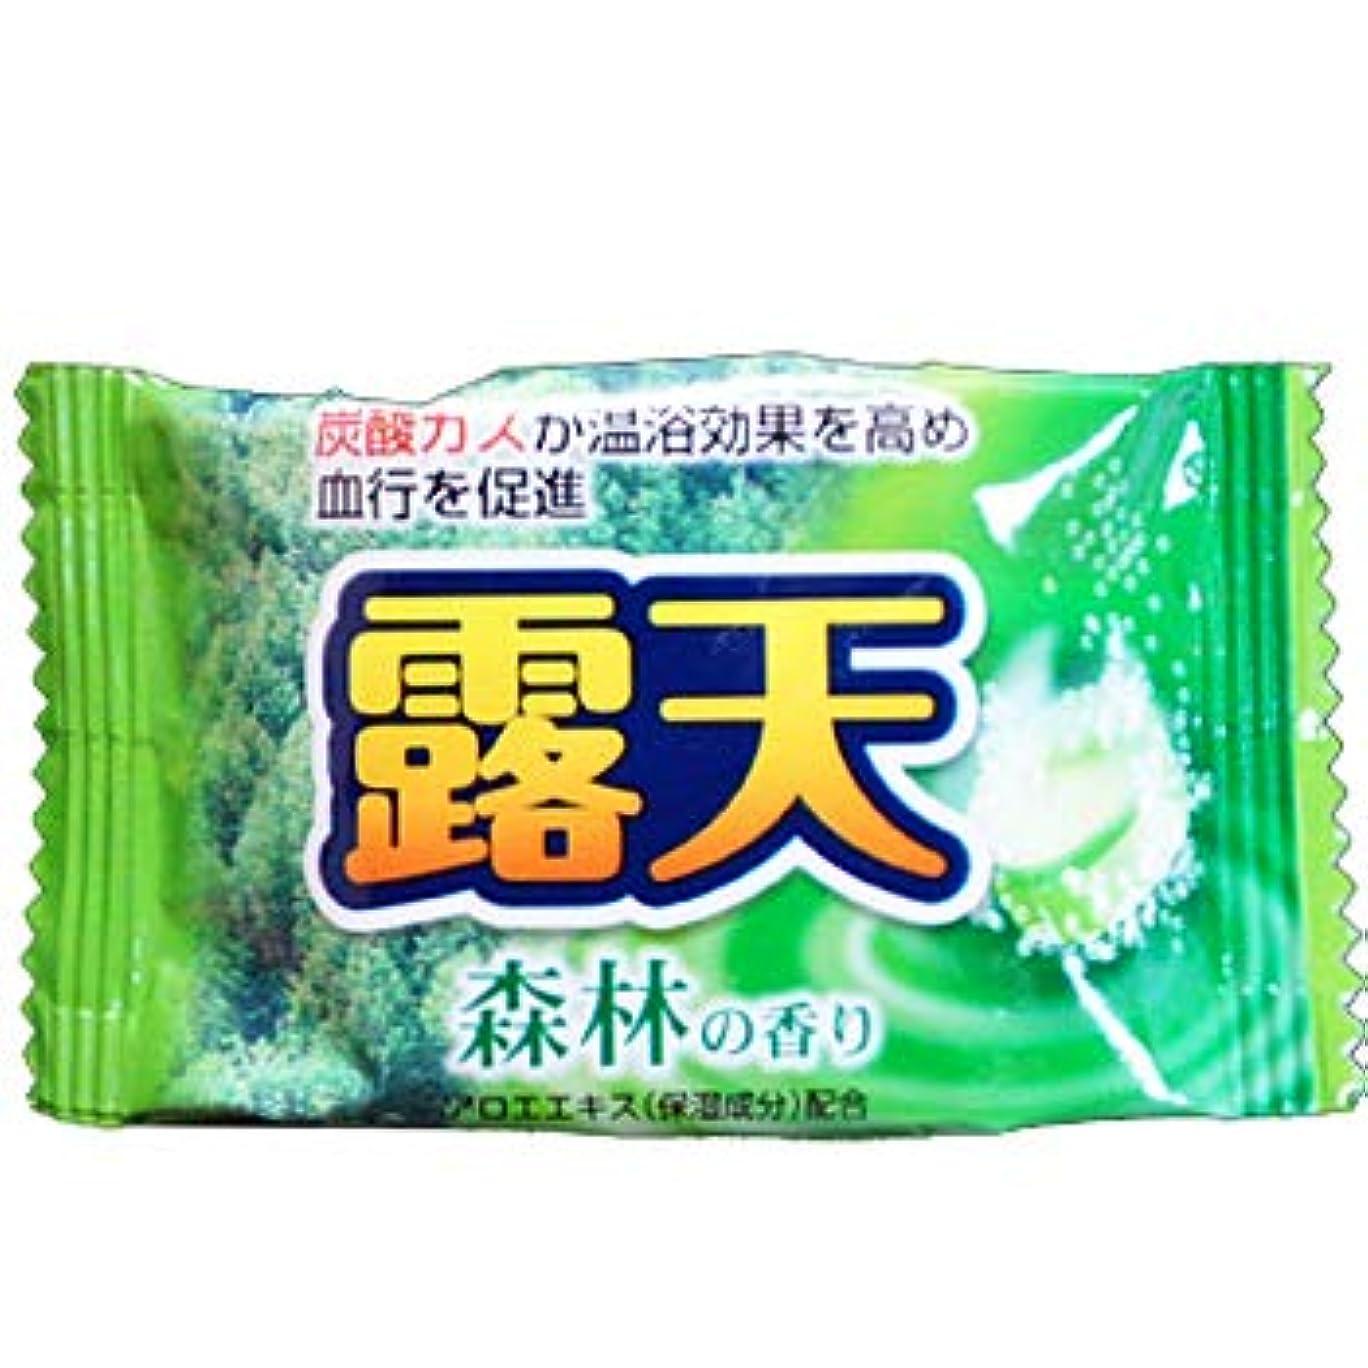 冷蔵するフォーク受益者薬用発泡入浴剤 露天40g 森林の香り(1セット400個入)